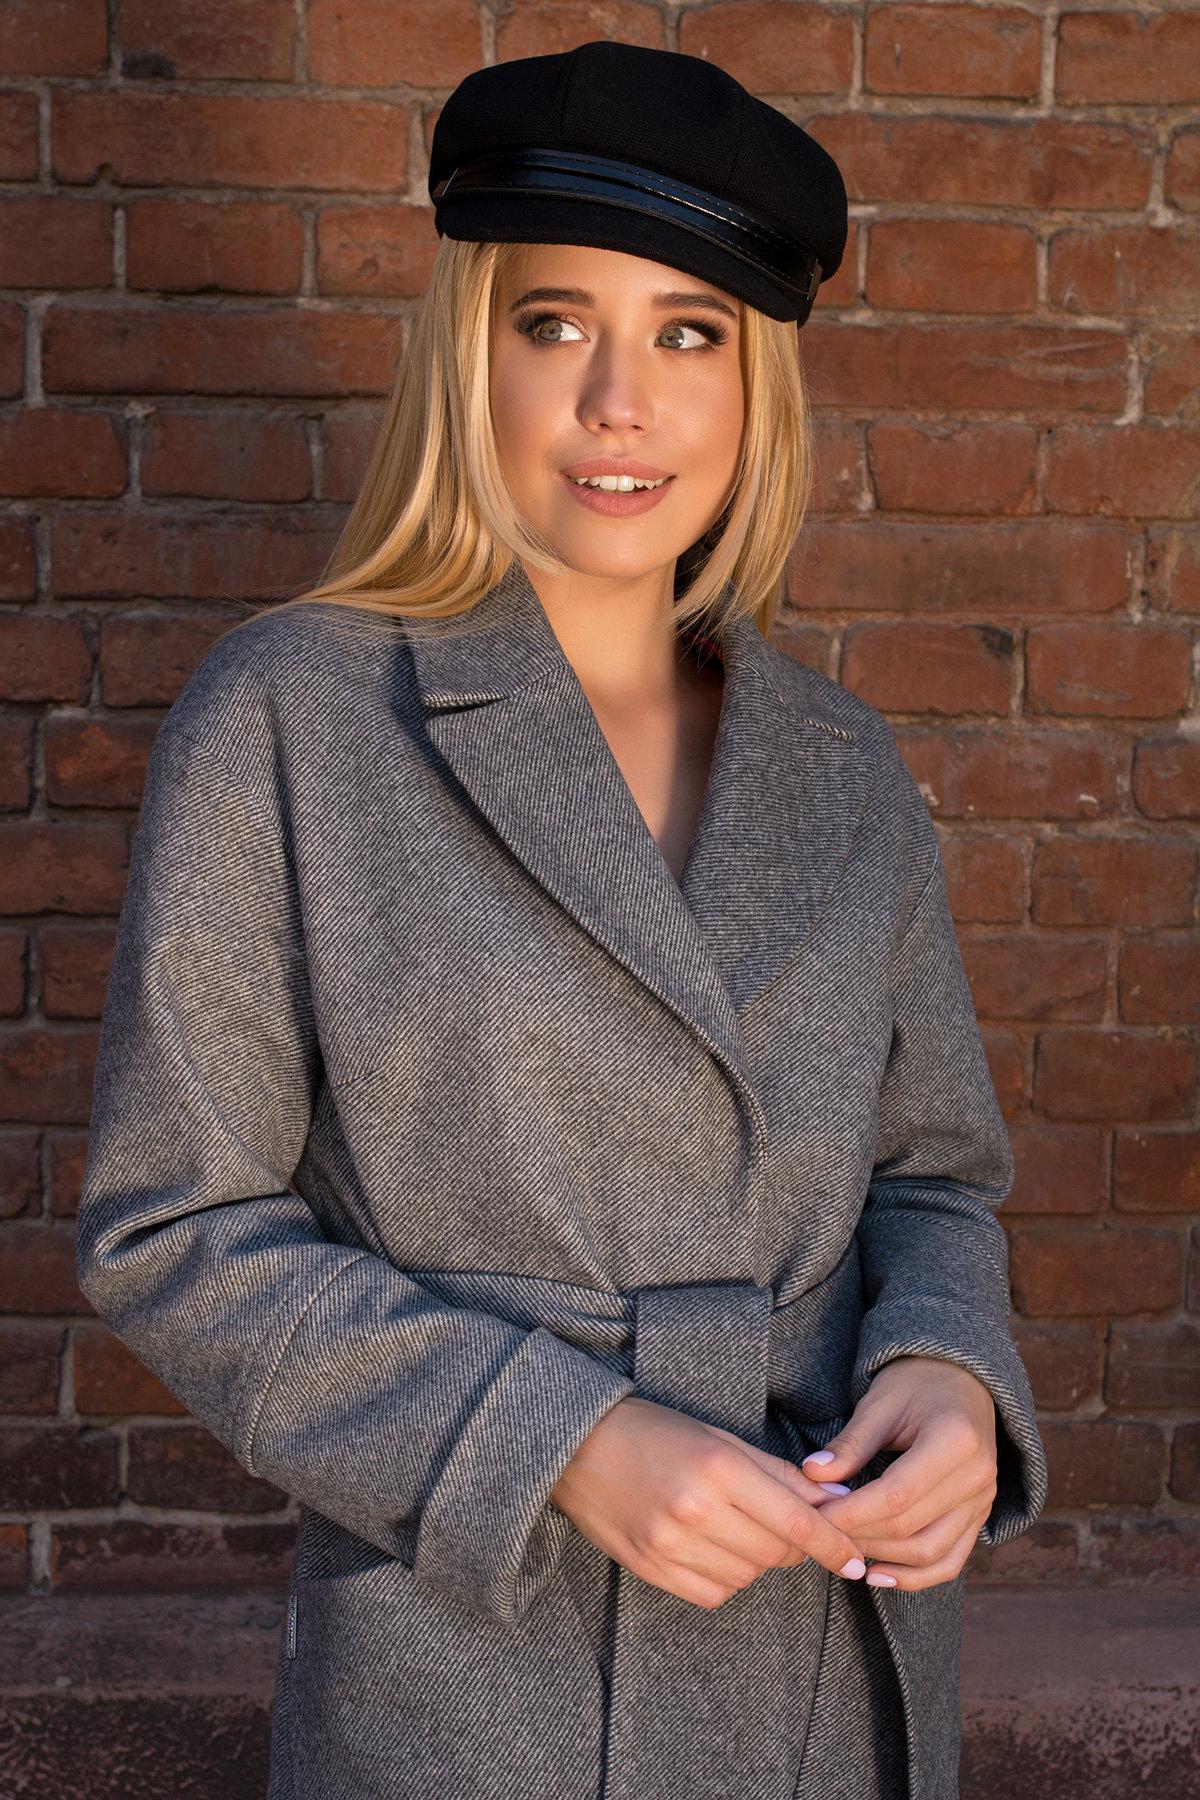 Пальто демисезонное миди Тала 7902 АРТ. 43858 Цвет: Серый - фото 5, интернет магазин tm-modus.ru